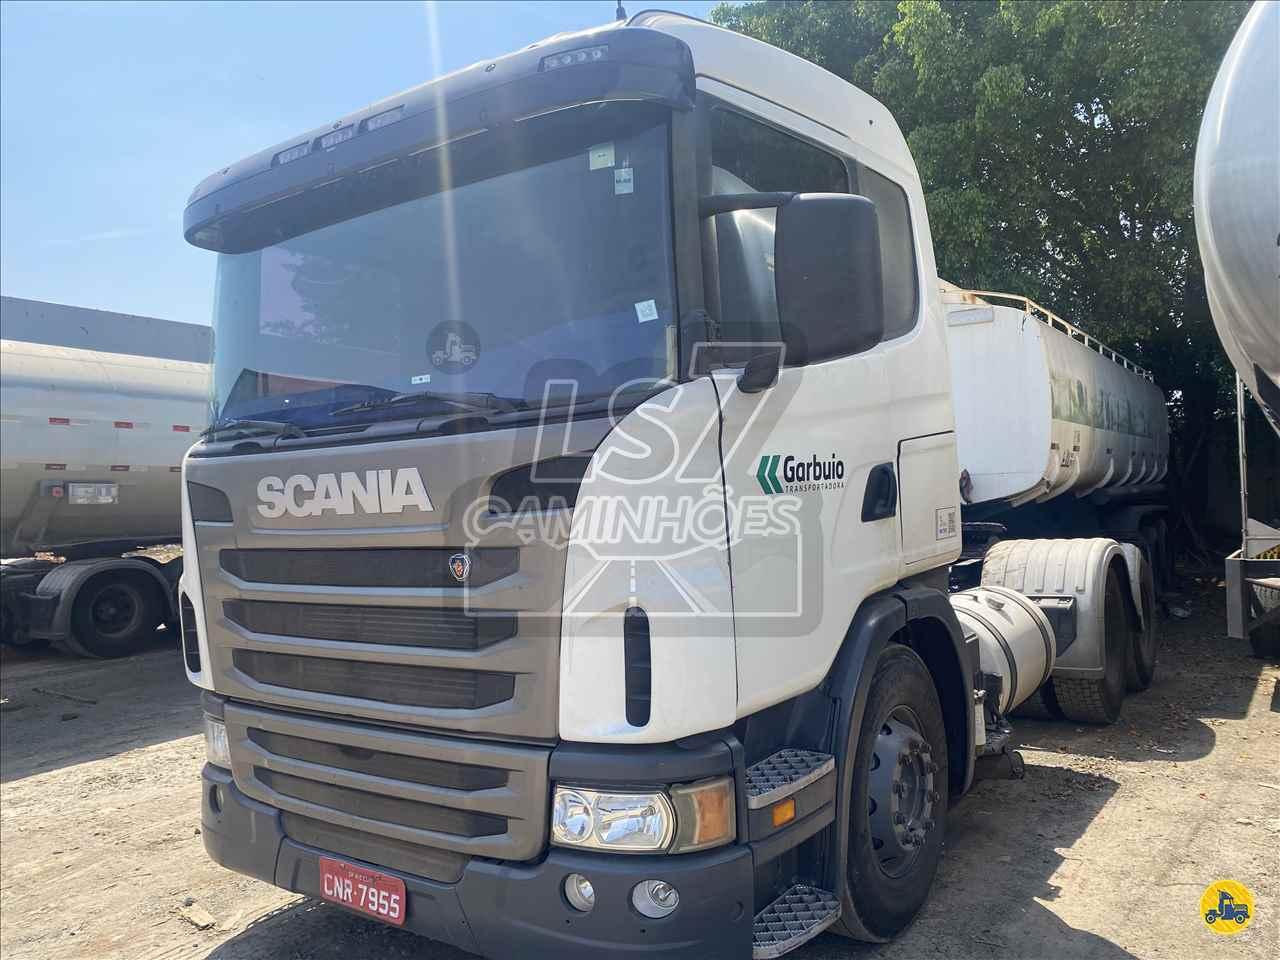 CAMINHAO SCANIA SCANIA 124 420 Cavalo Mecânico Truck 6x2 LS 7 Caminhões LIMEIRA SÃO PAULO SP